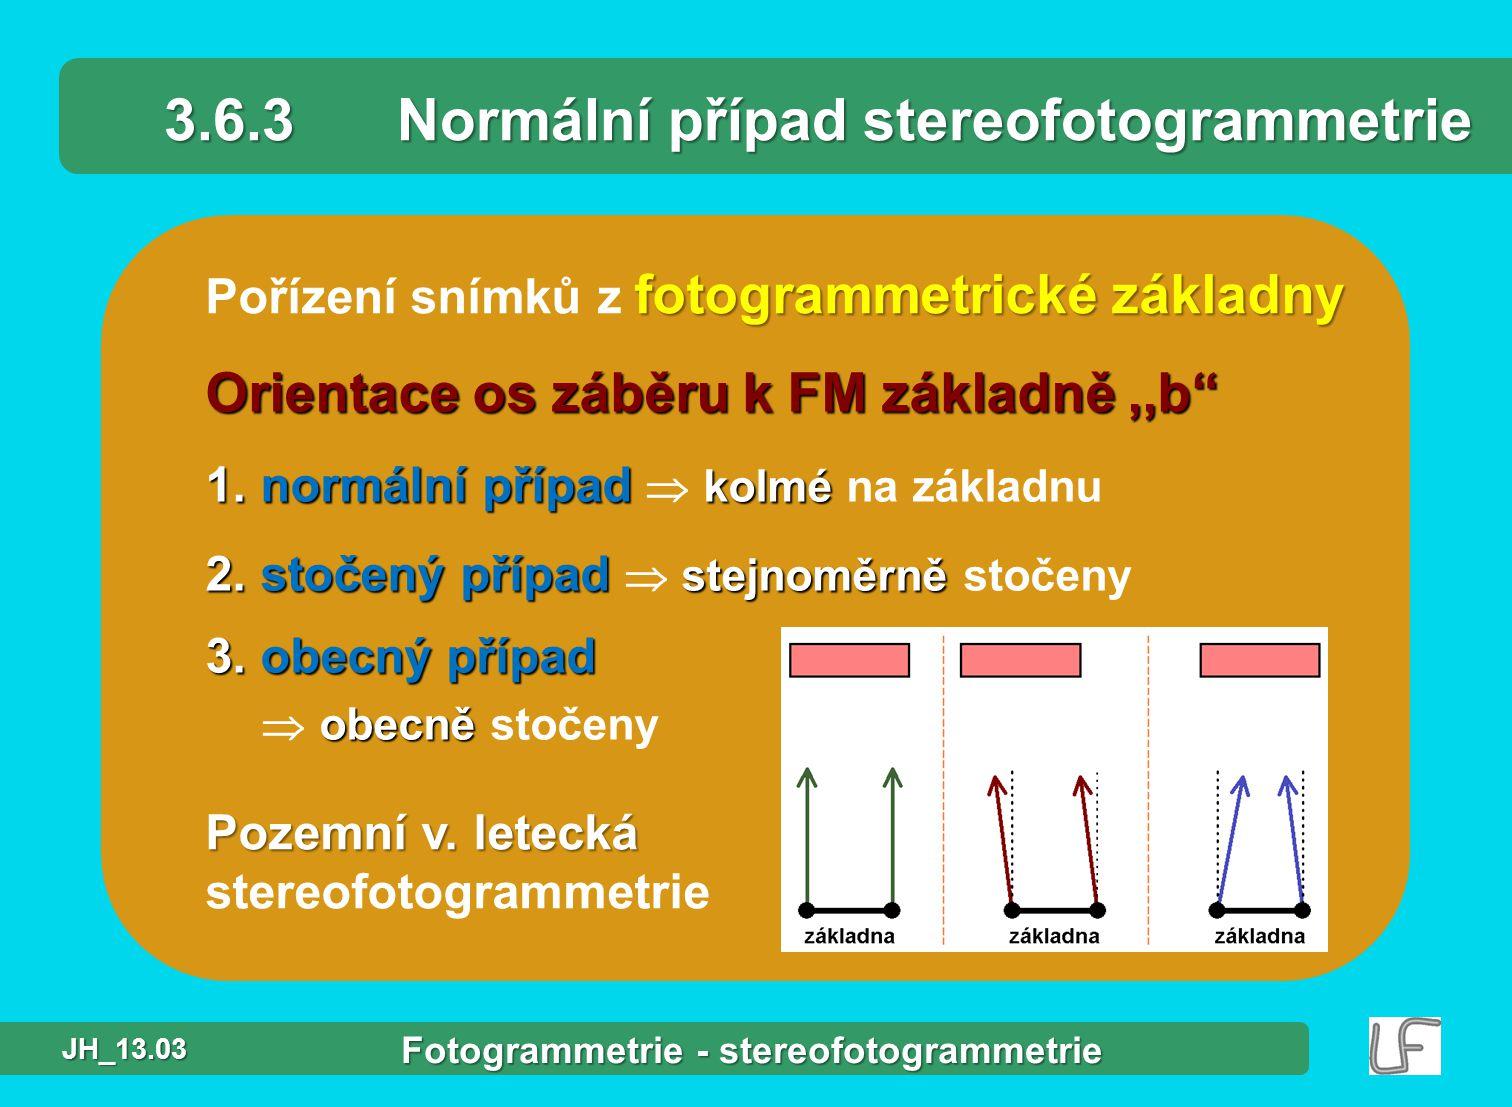 3.6.3 Normální případ stereofotogrammetrie